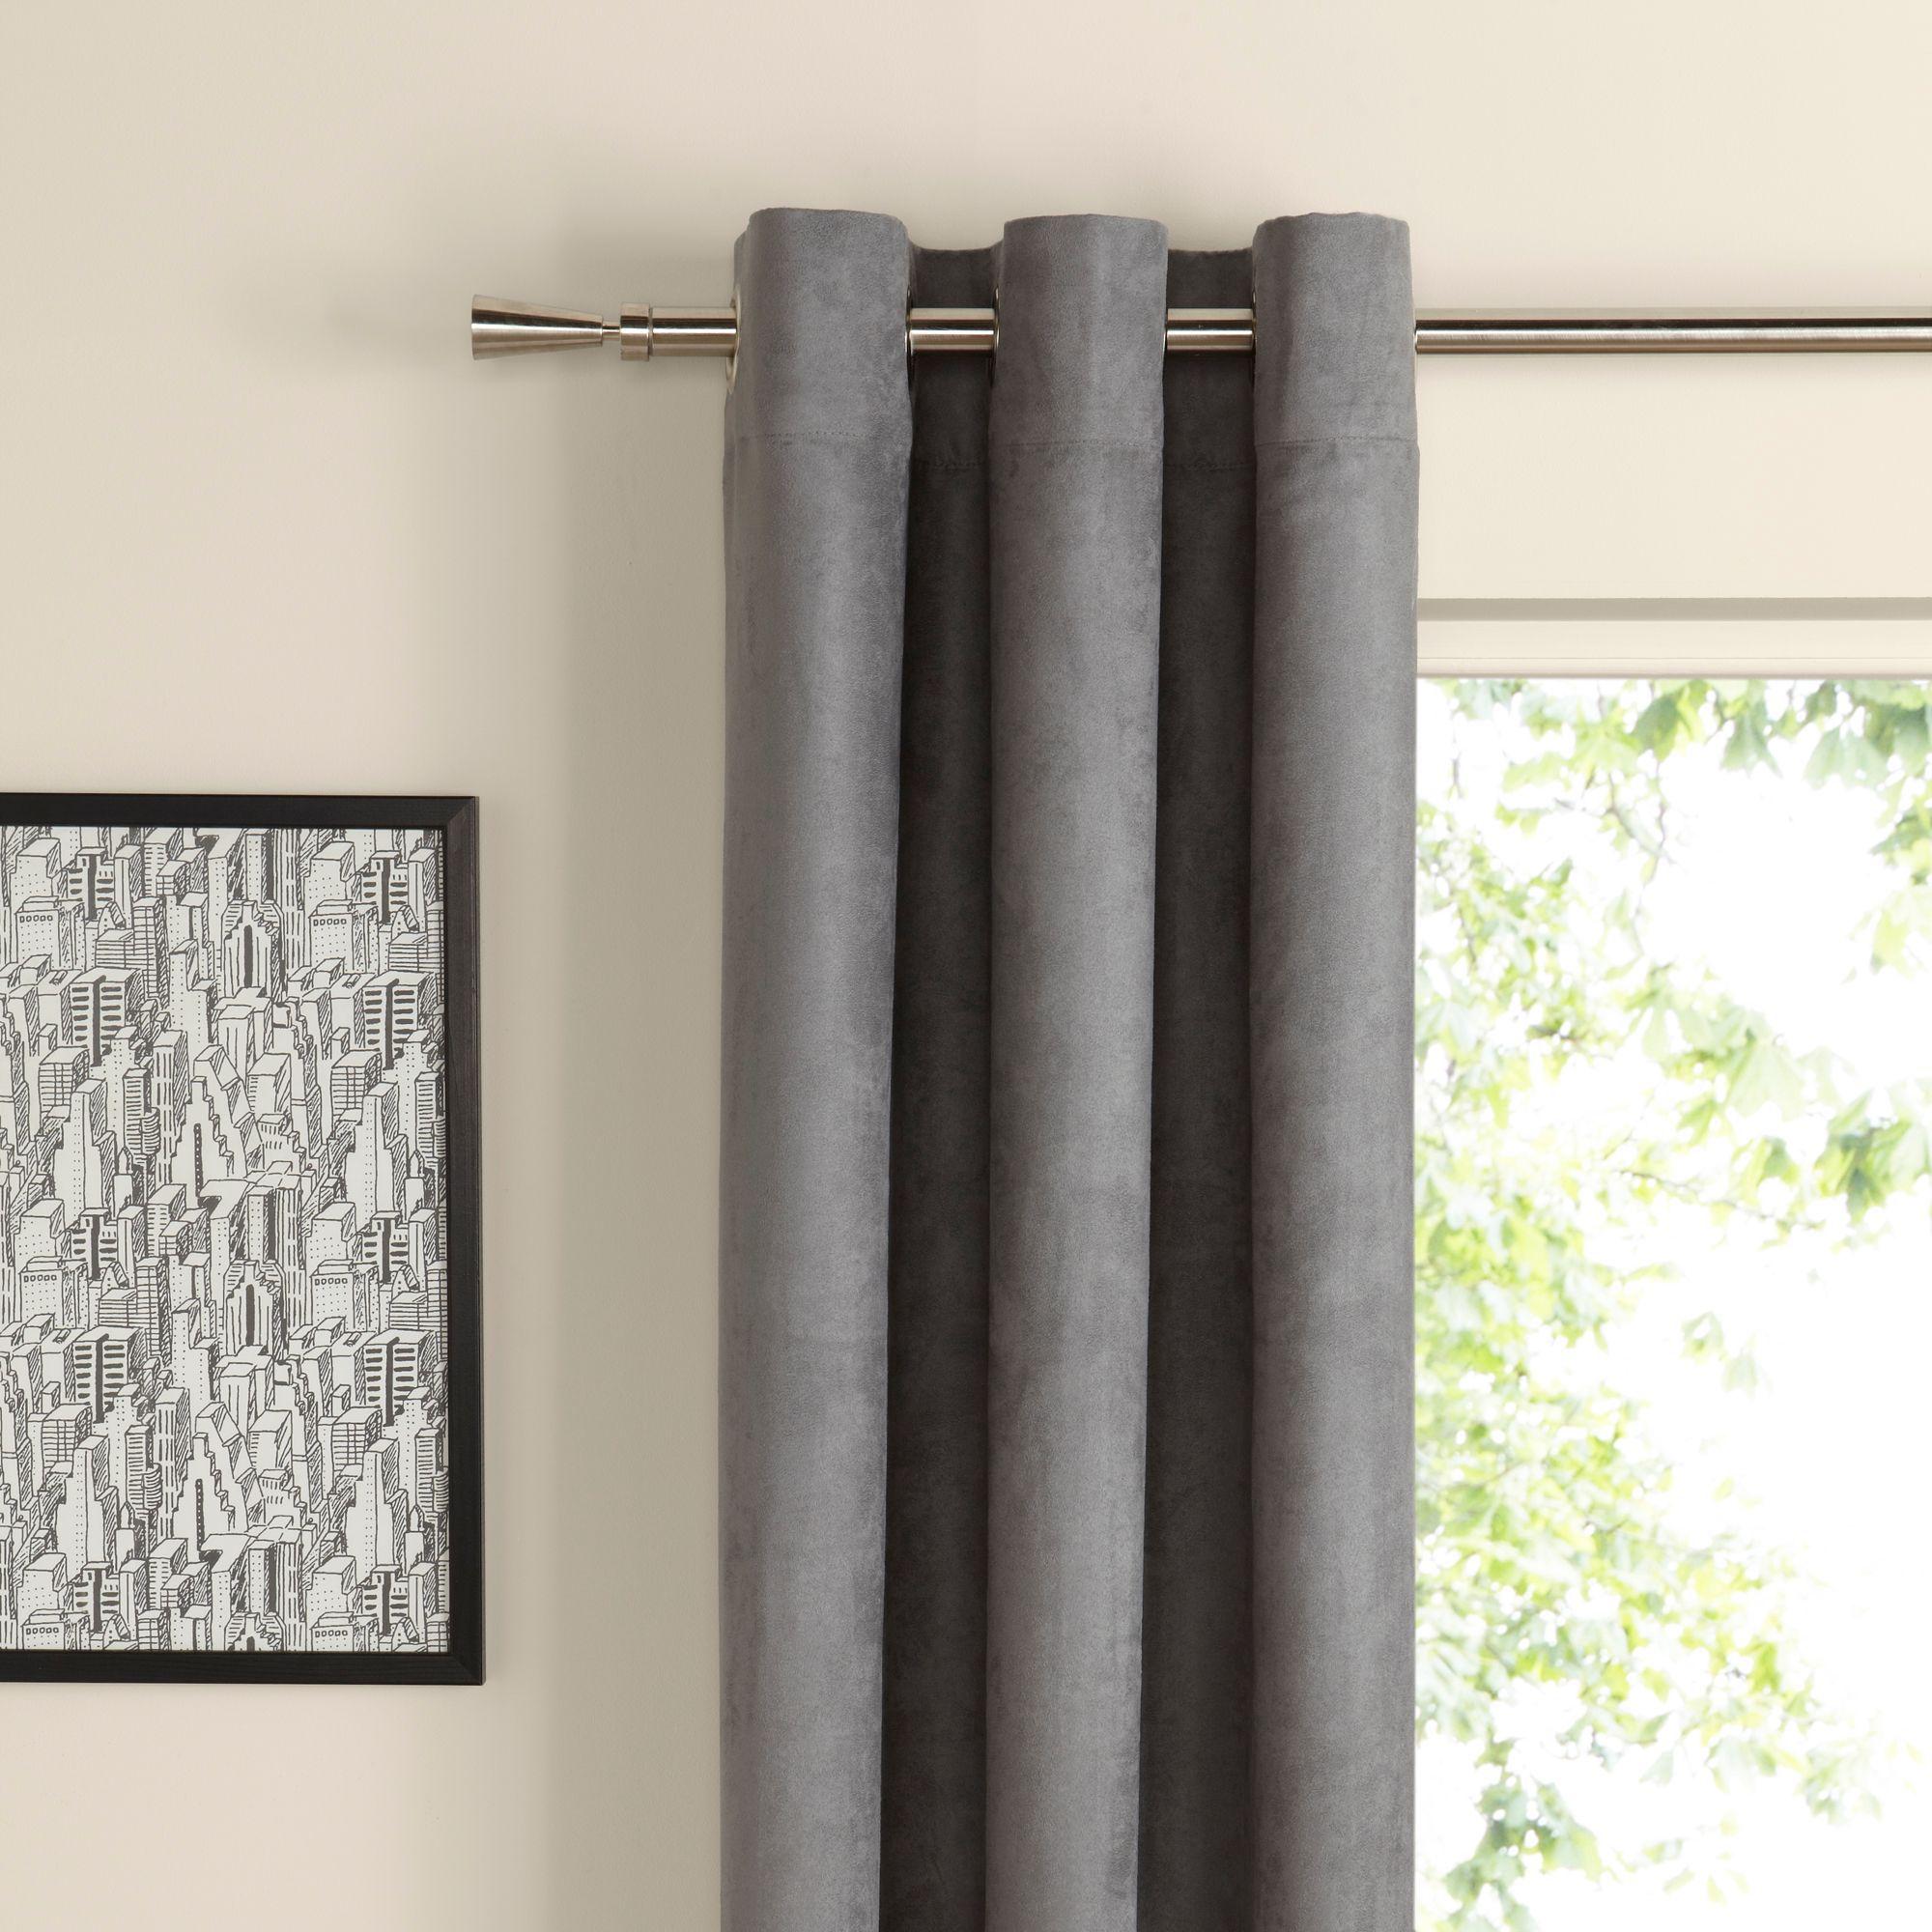 Suedine Concrete Plain Woven Eyelet Curtains (w)167 Cm (l)228 Cm